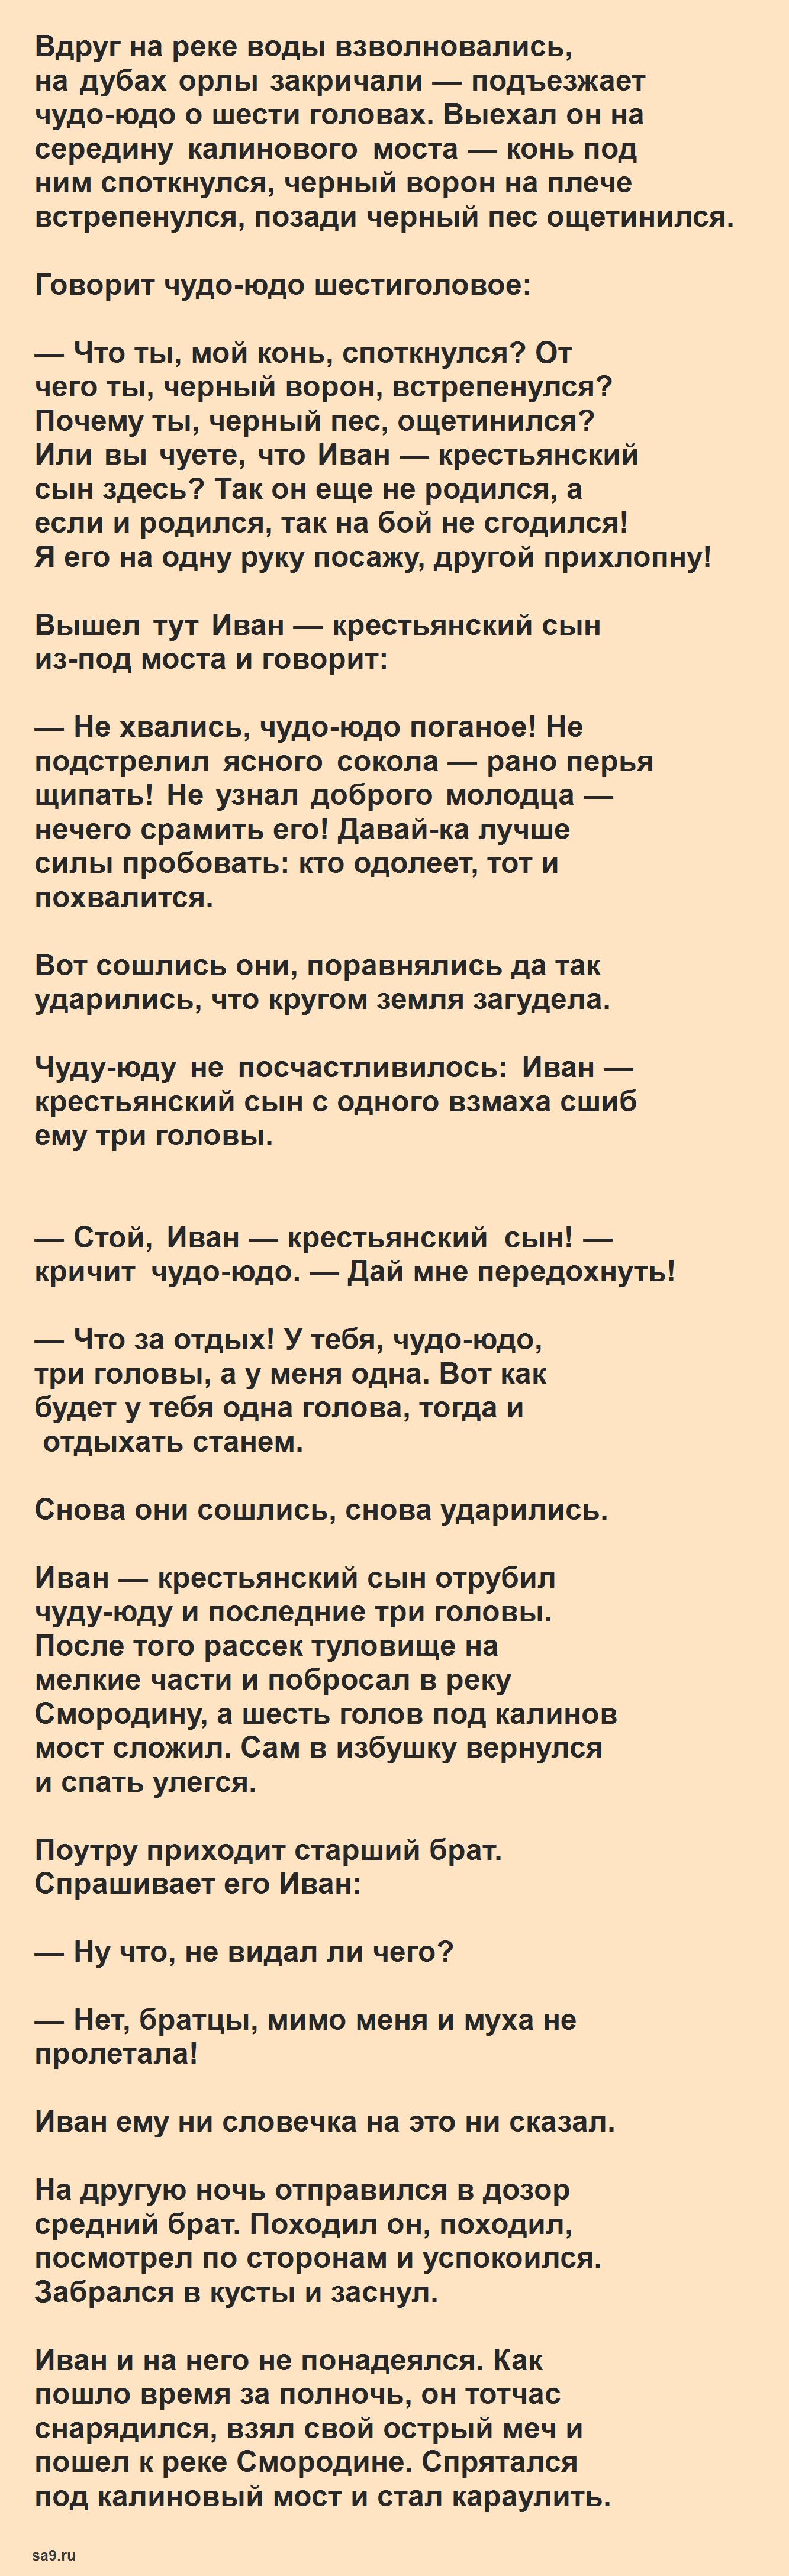 Русская народная сказка - Иван крестьянский сын, читать онлайн бесплатно